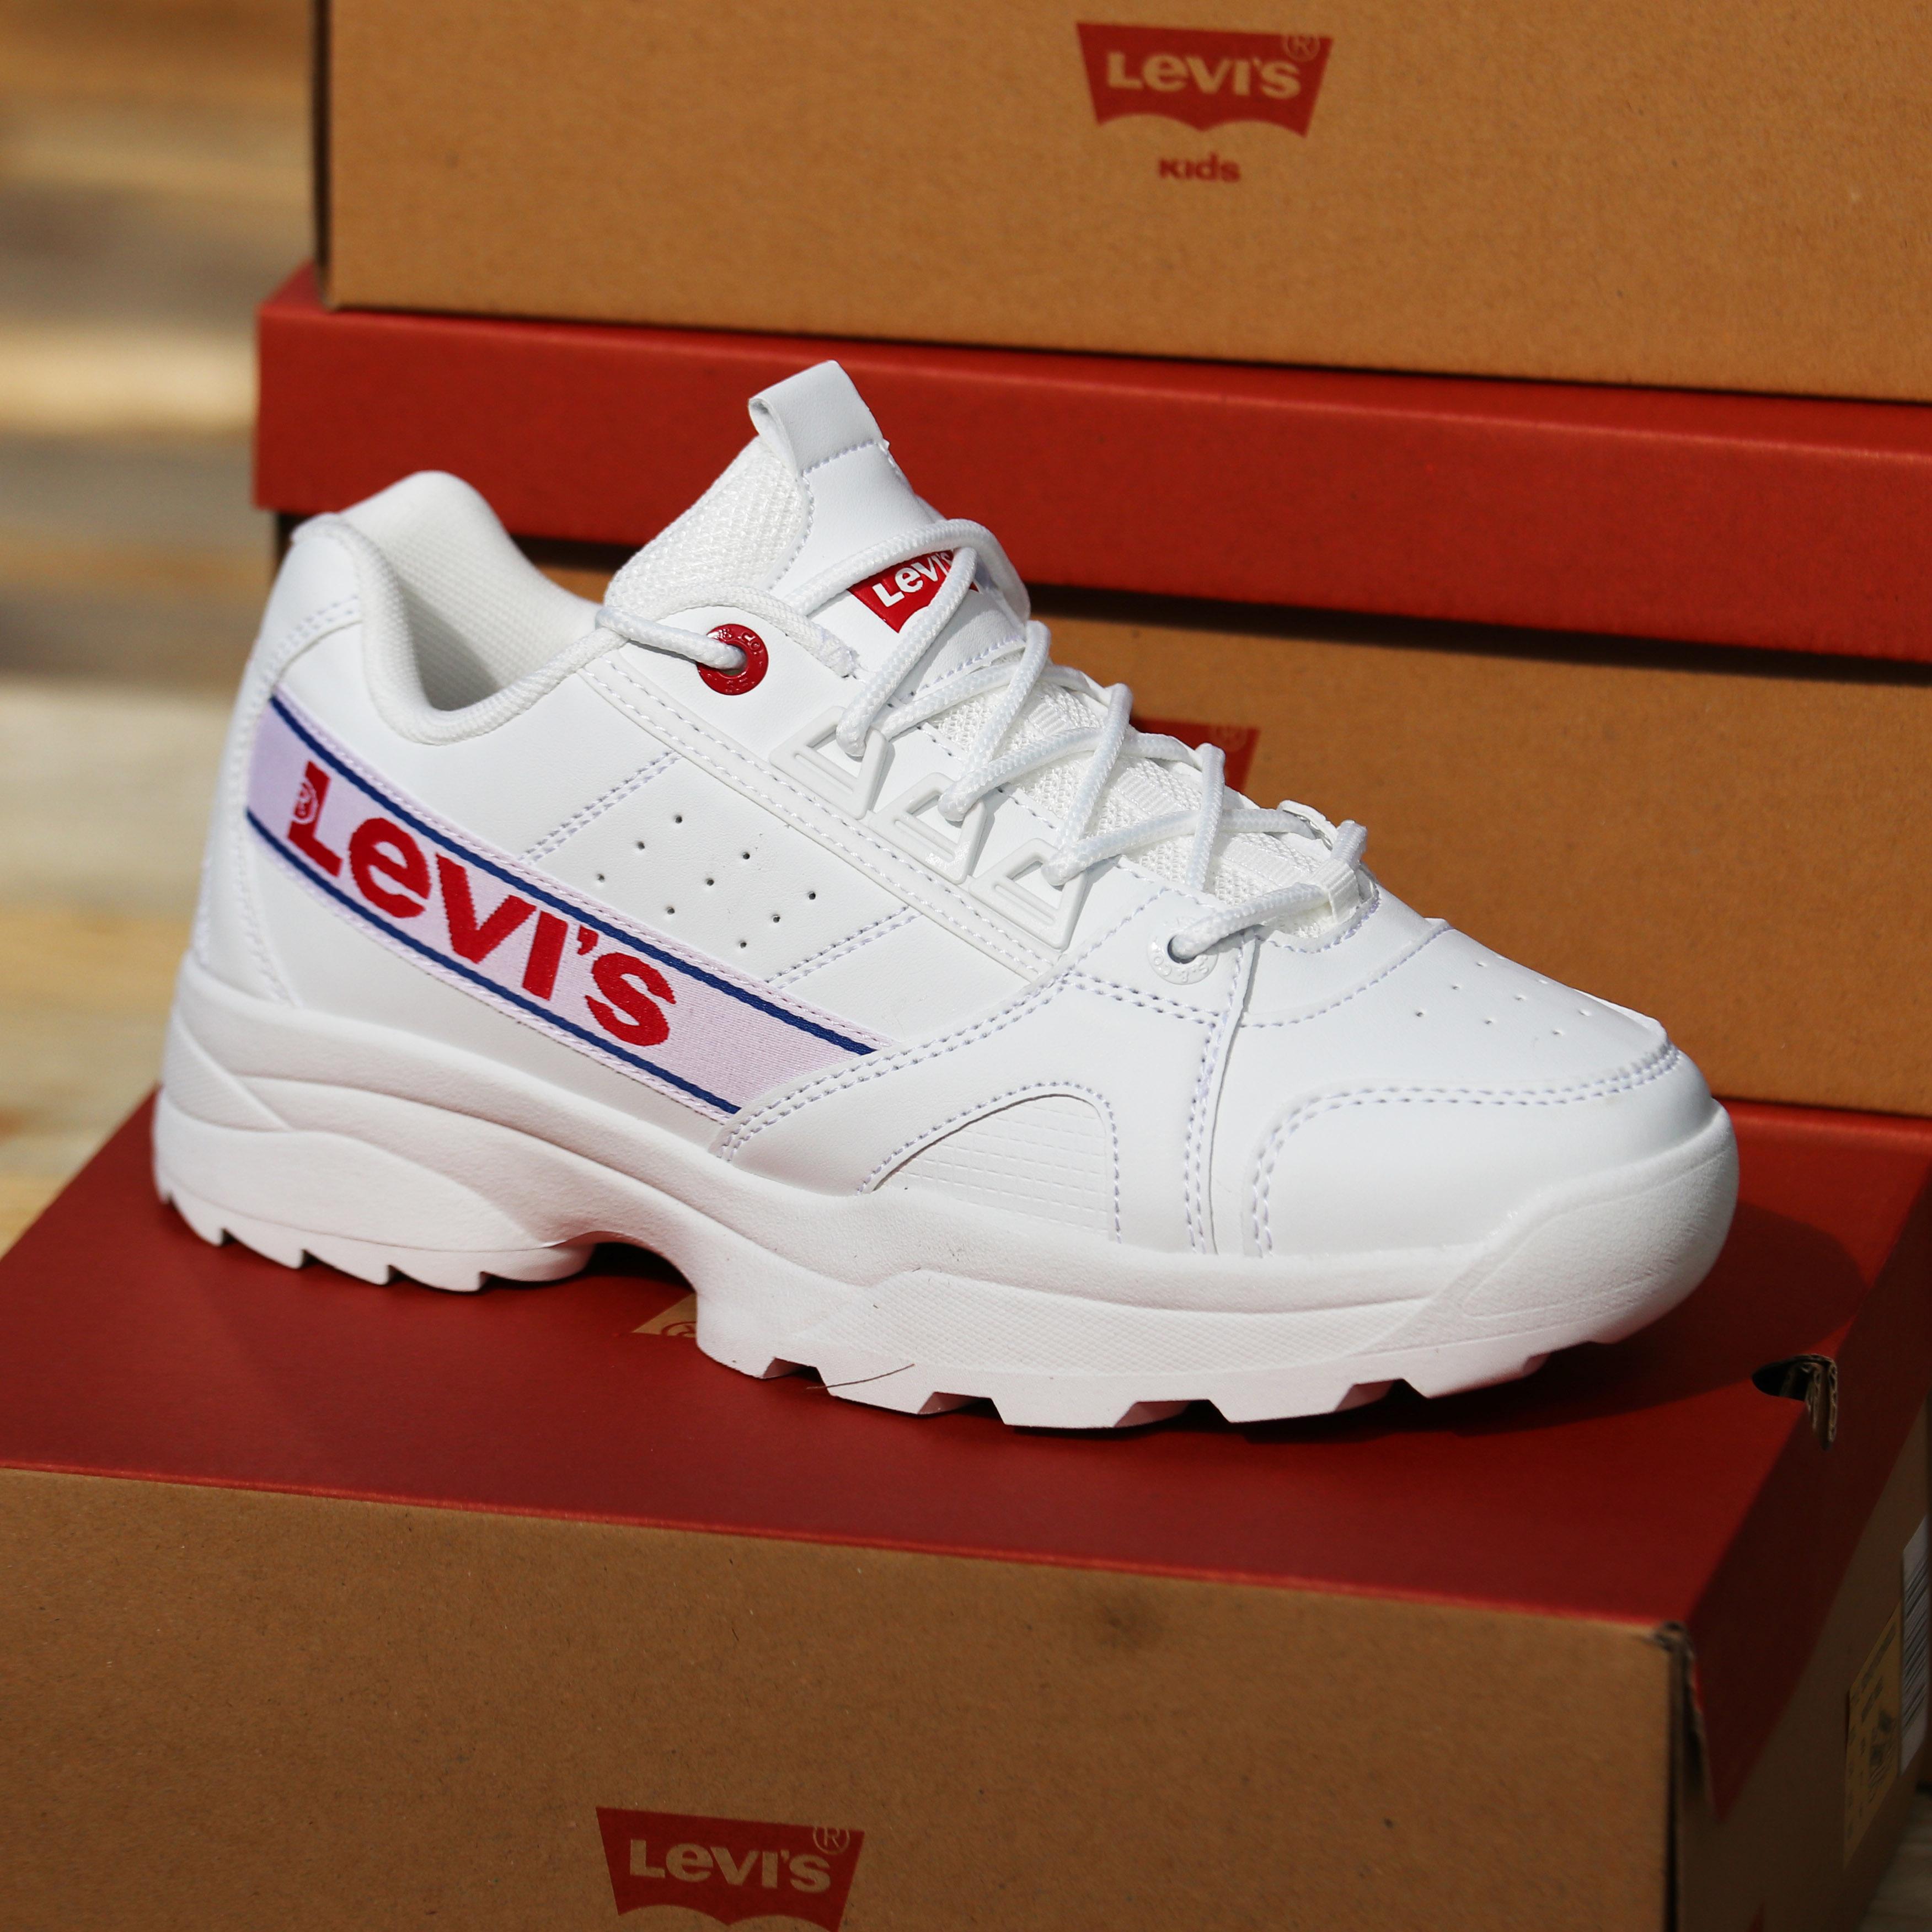 levis – soho – hvit:rød:blå sko barn dame1